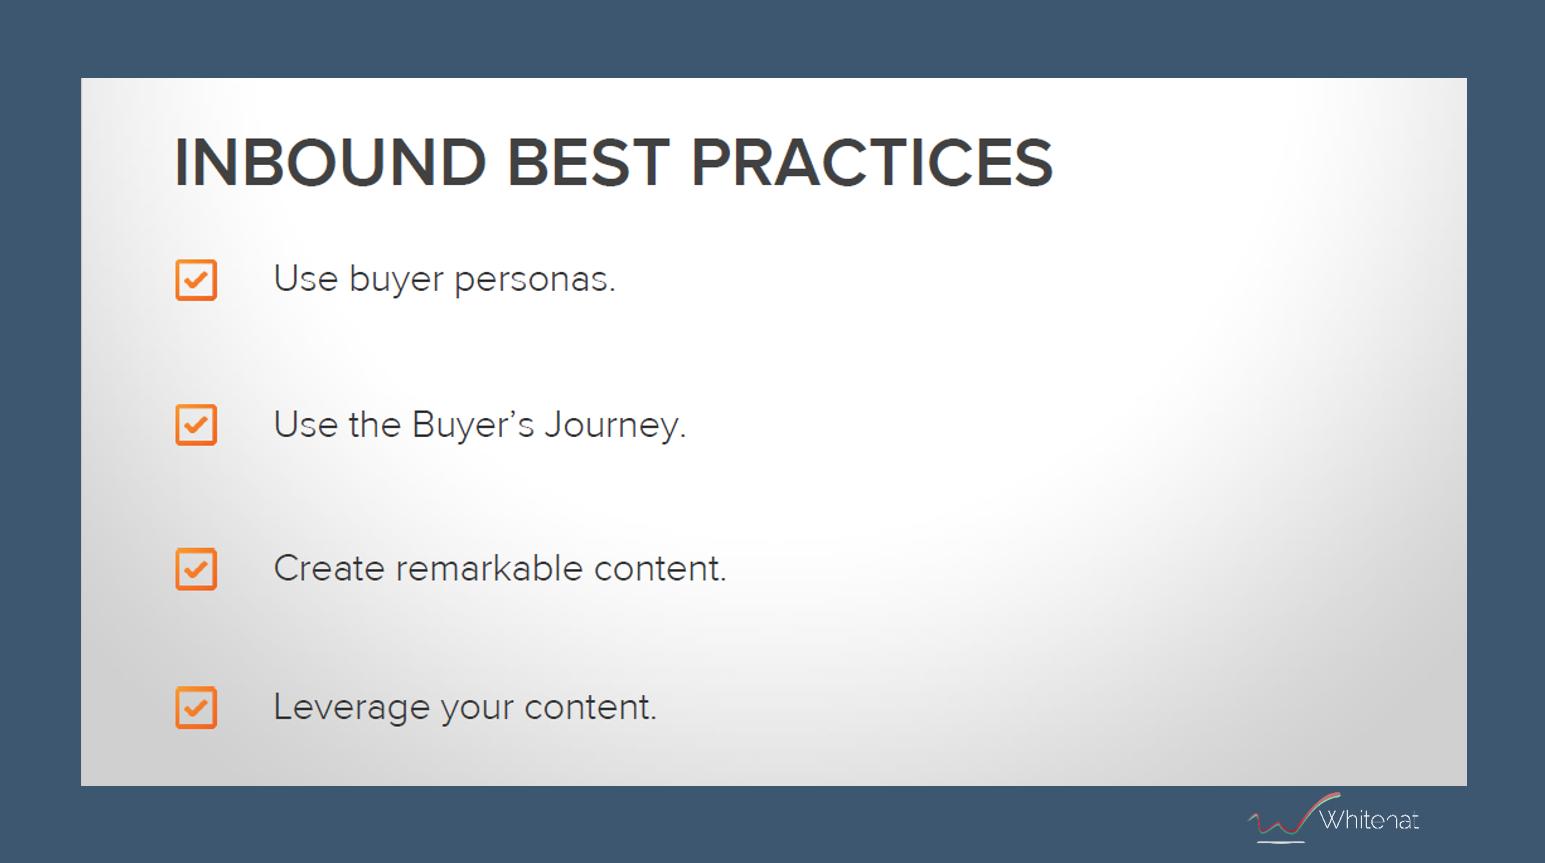 inbound marketing best practices